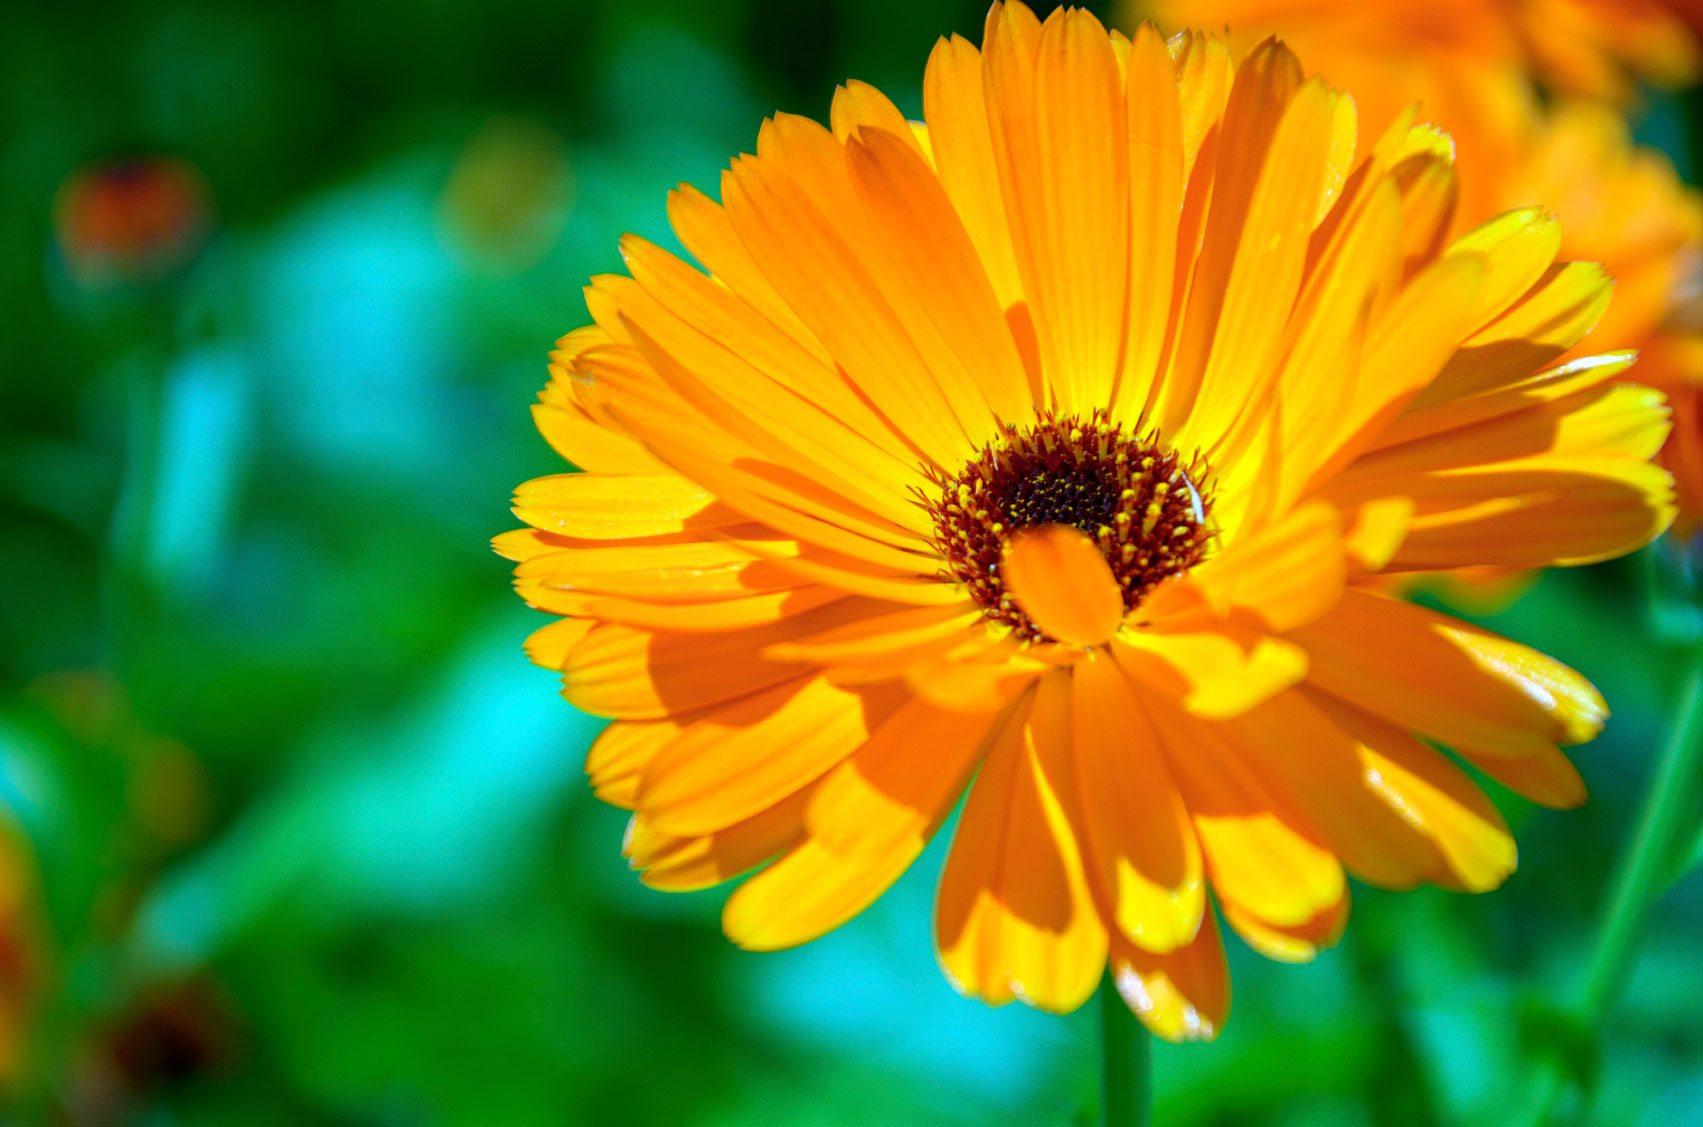 Hình ảnh Hoa Cúc Vàng Siêu đẹp